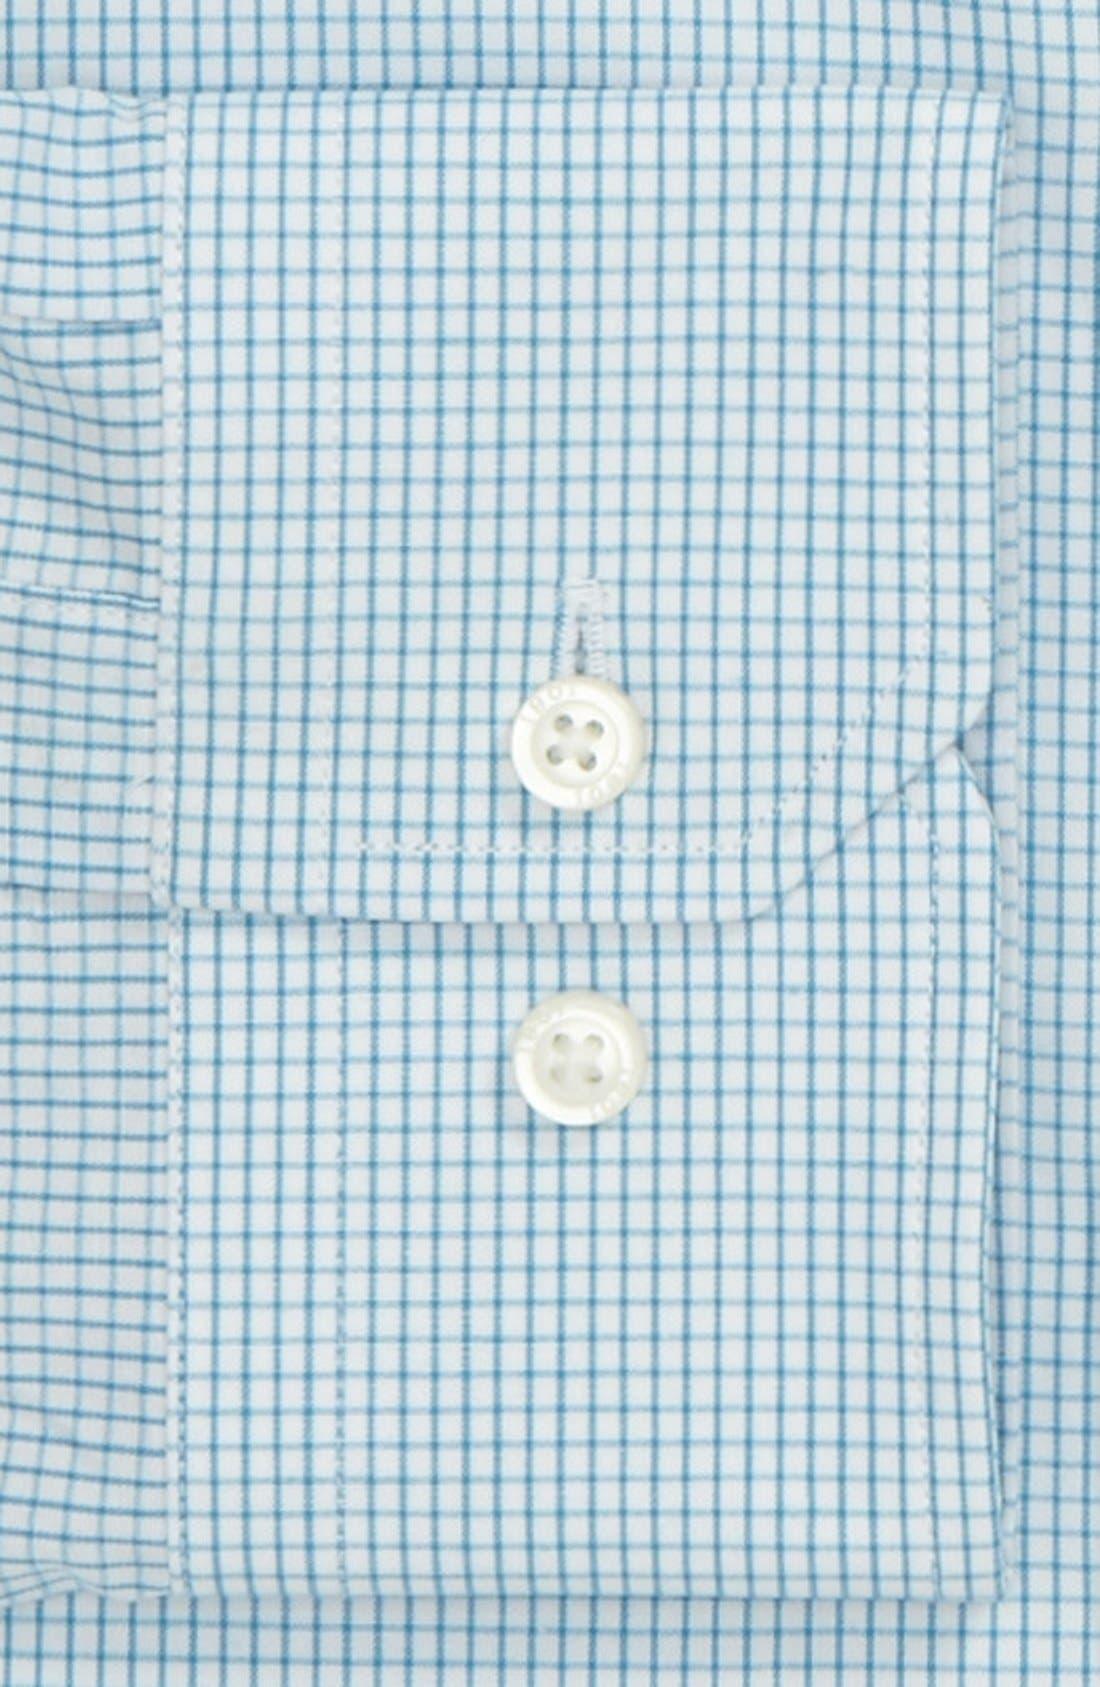 Trim Fit Dress Shirt,                             Alternate thumbnail 2, color,                             450